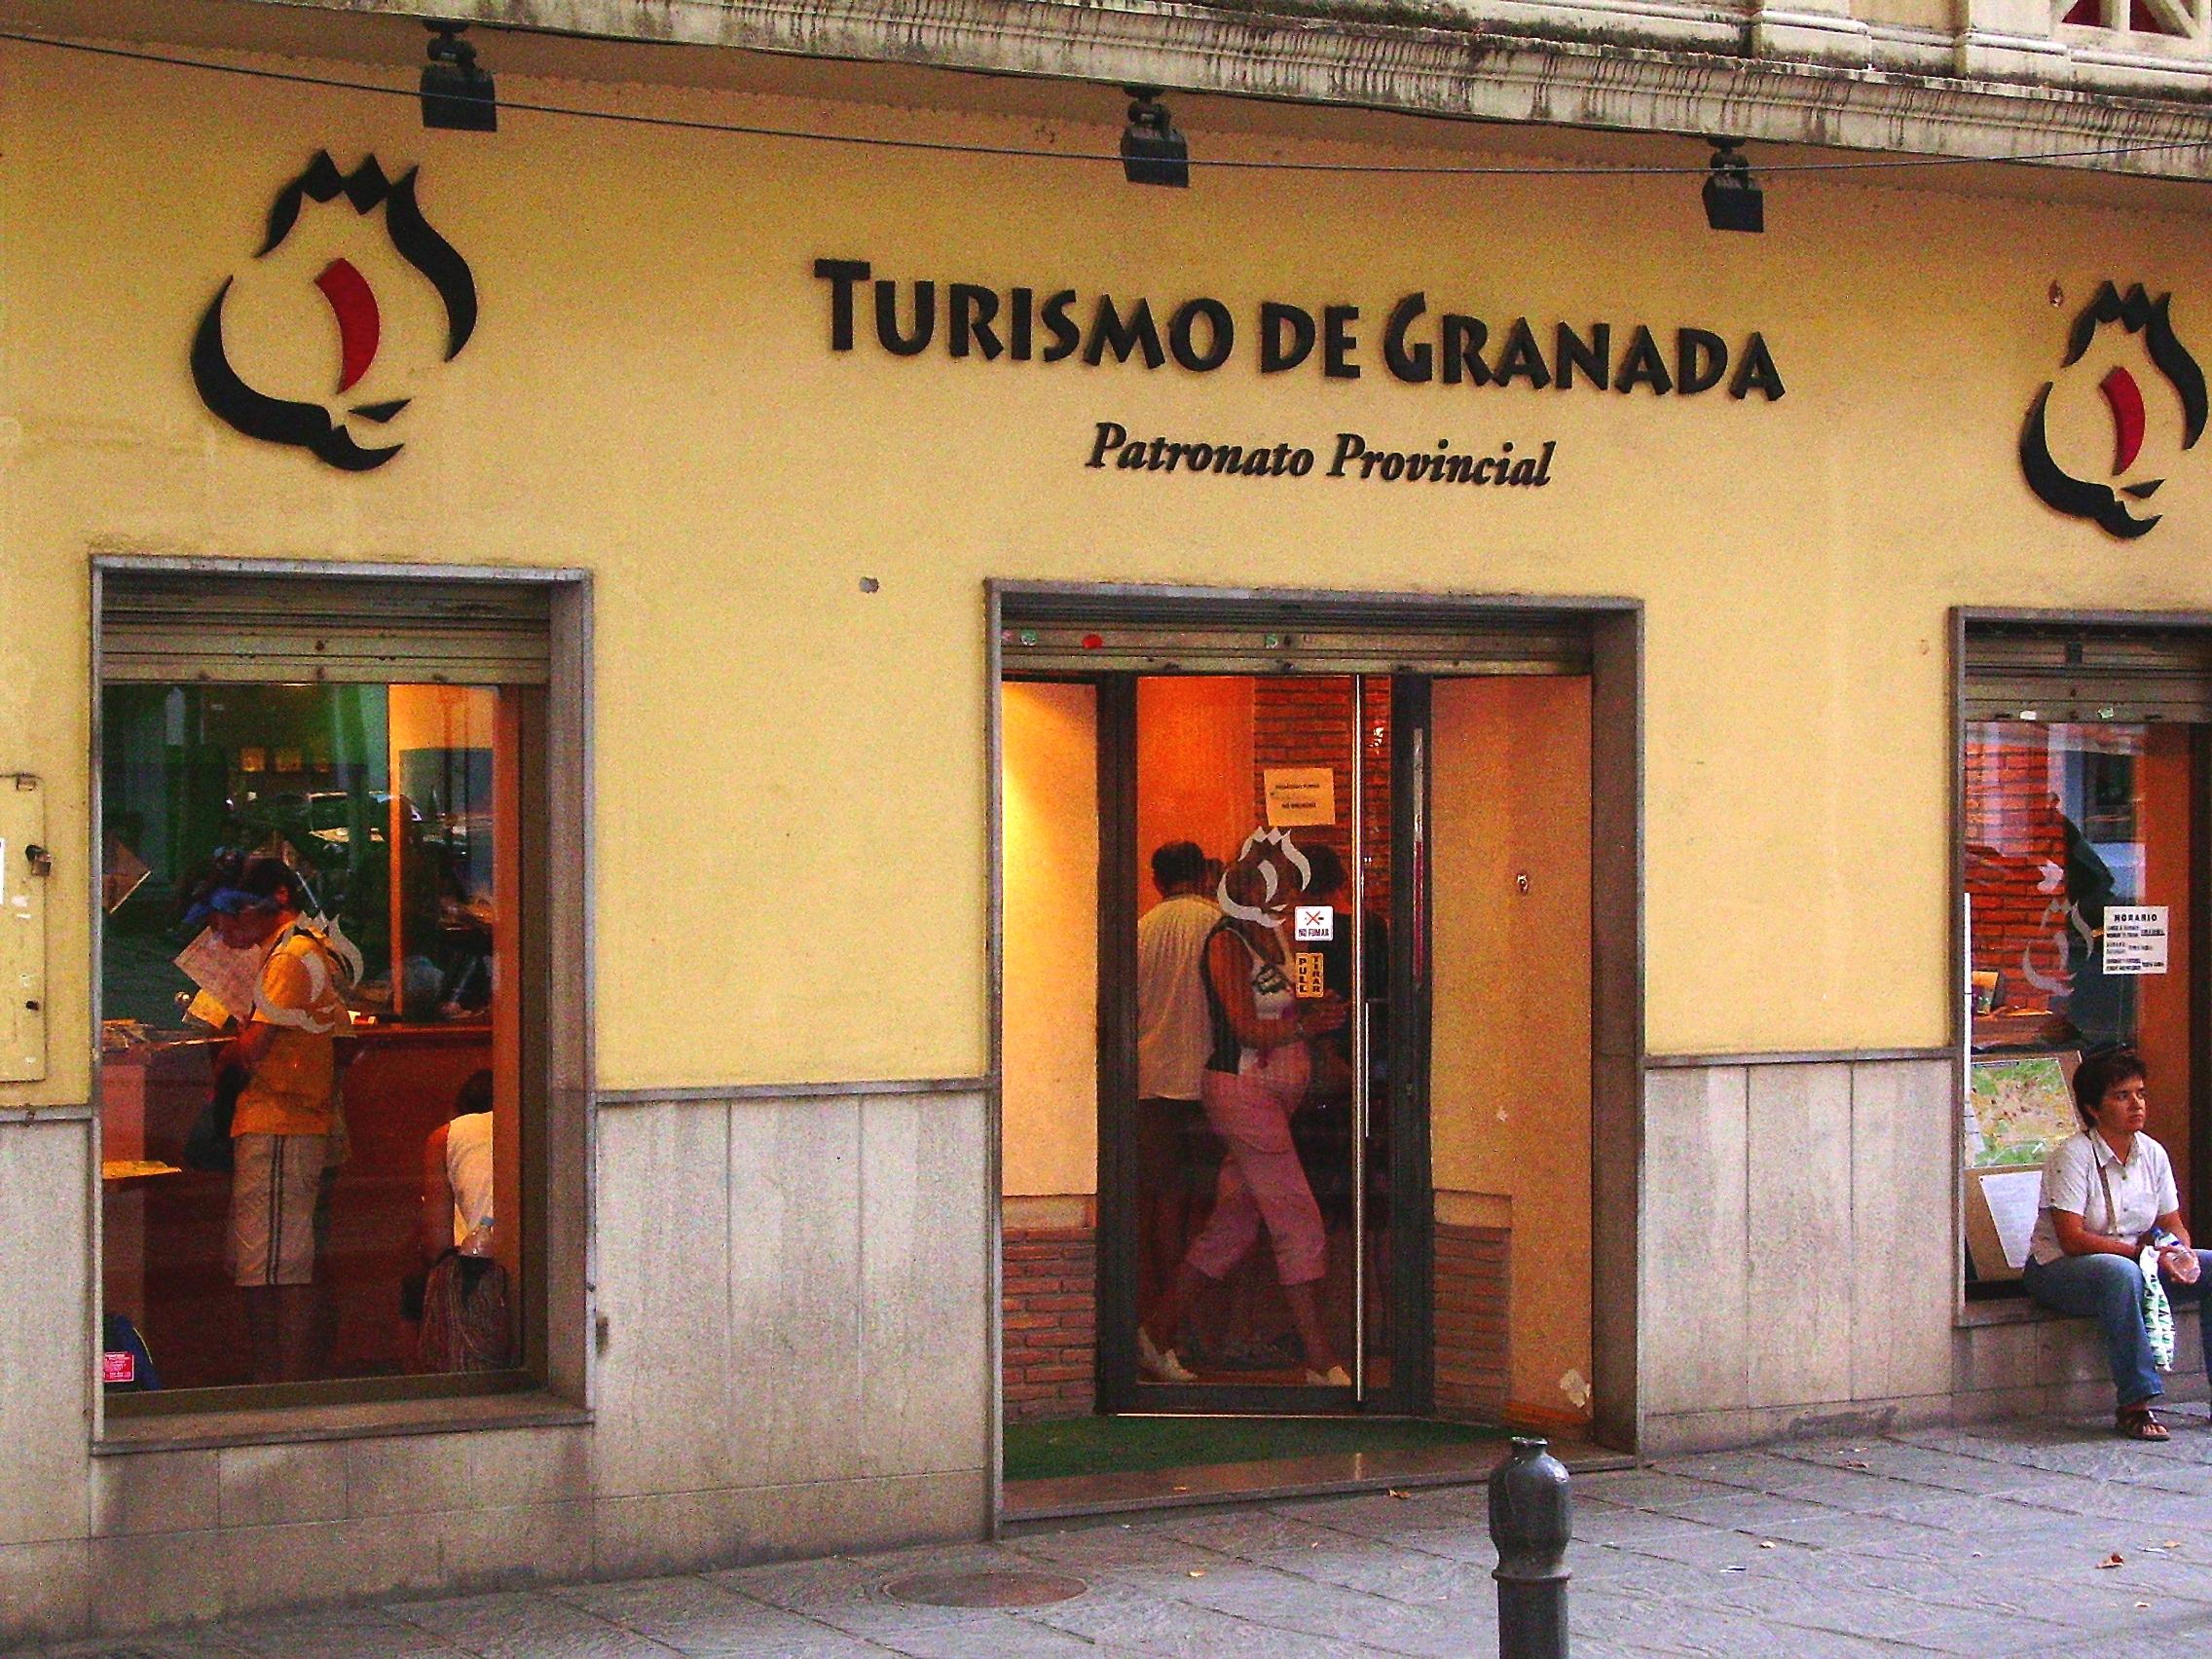 Oficina del patronato provincial de turismo for Oficina de turismo de sitges